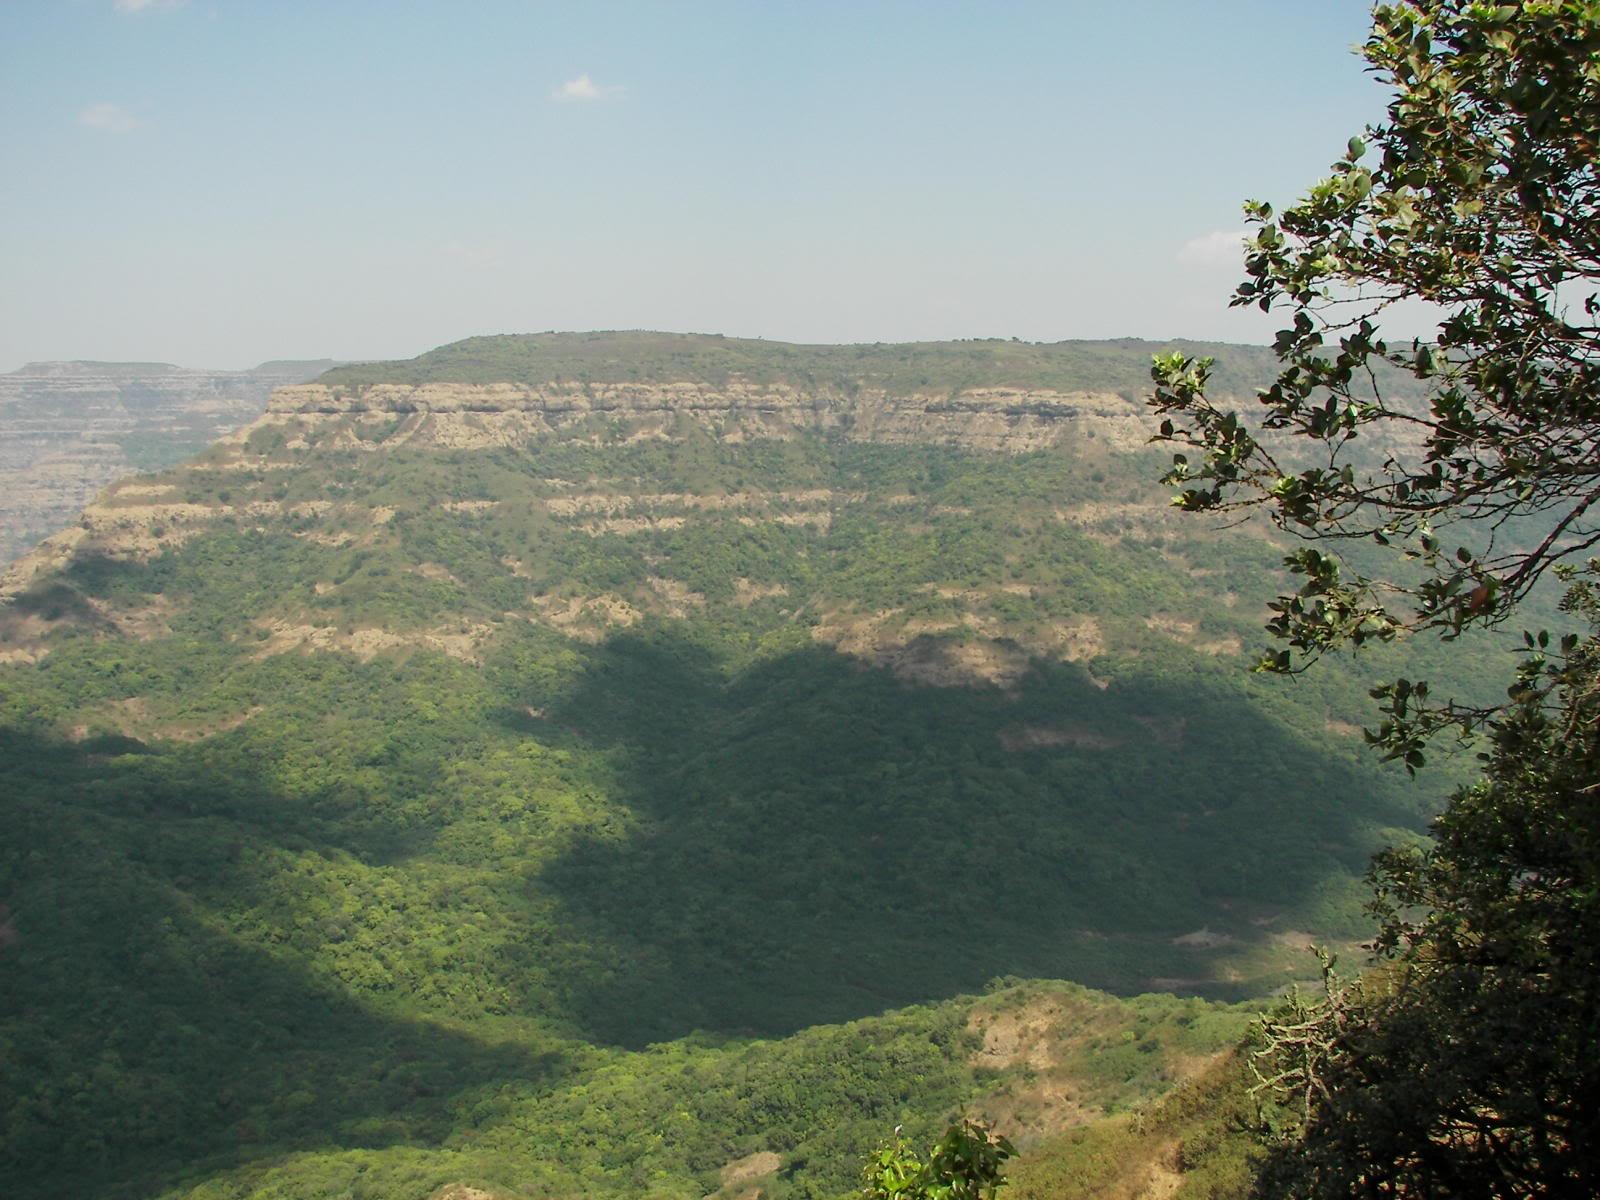 நான் ரசித்த மலைகளின் காட்சிகள் சில.... - Page 4 4db5